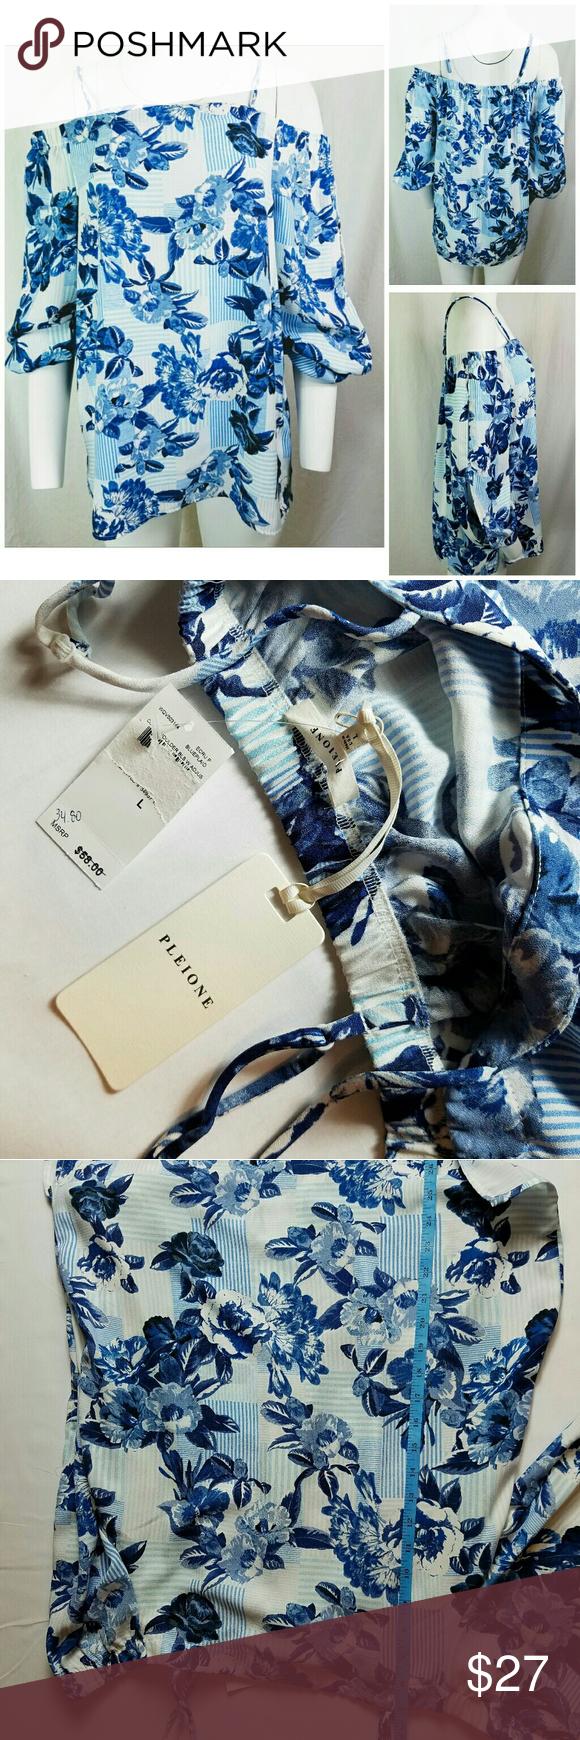 5d6c928e0bb52a PLEIONE Sz L Blouse Cold Shoulder Blue Floral Gorgeous Women s Pleione Cold  Shoulder Blouse - Size L - White with a variety of blue tones in a large  flower ...